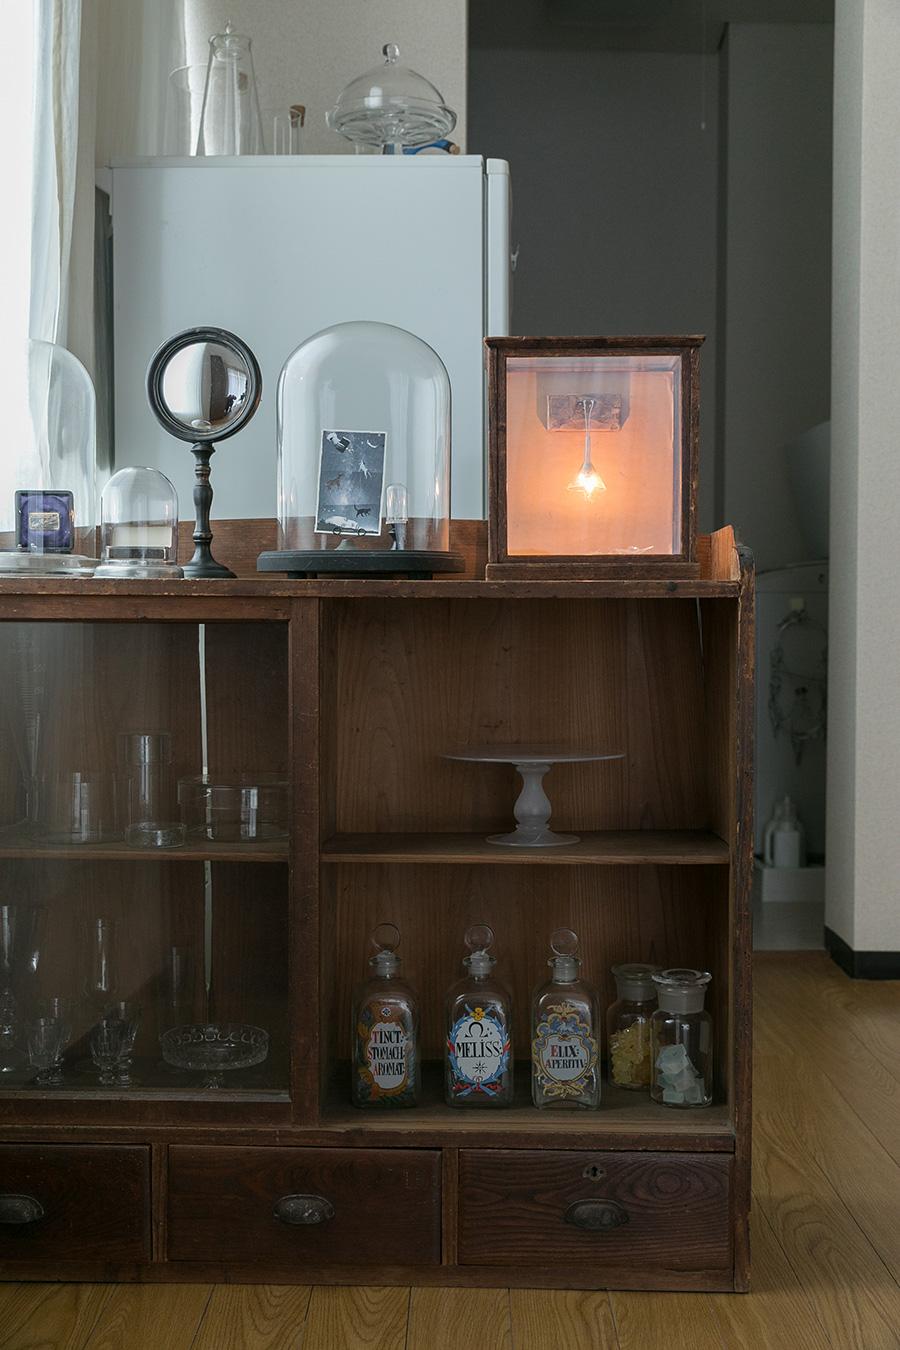 背の低い棚には、酒器などガラス製器類を見せながら収納して、リビングとキッチンの間仕切りに。